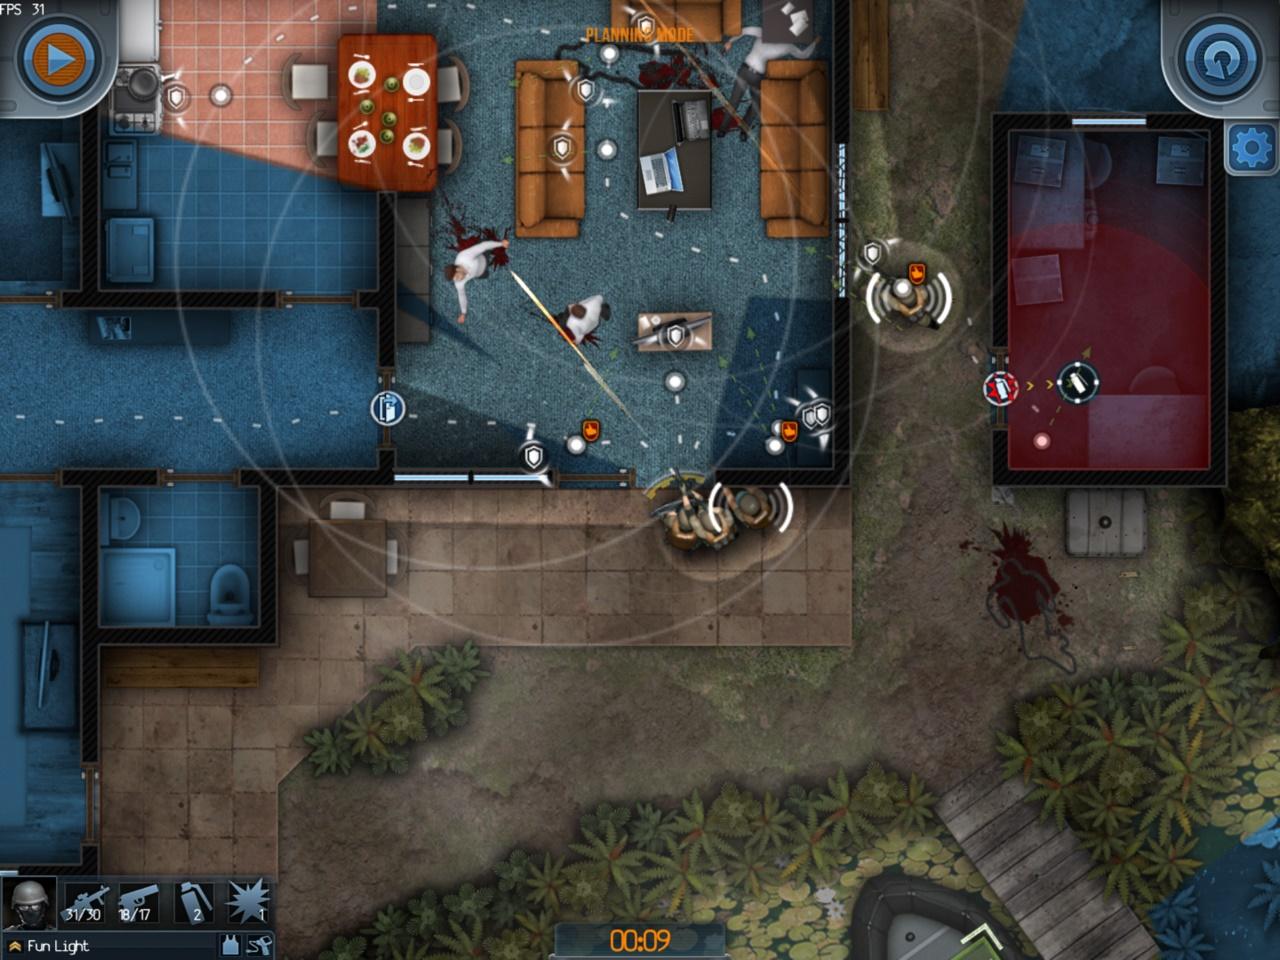 Cinq ans après son arrivée sur iPad, le jeu de stratégie acclamé Door Kickers est maintenant jouable sur iPhone